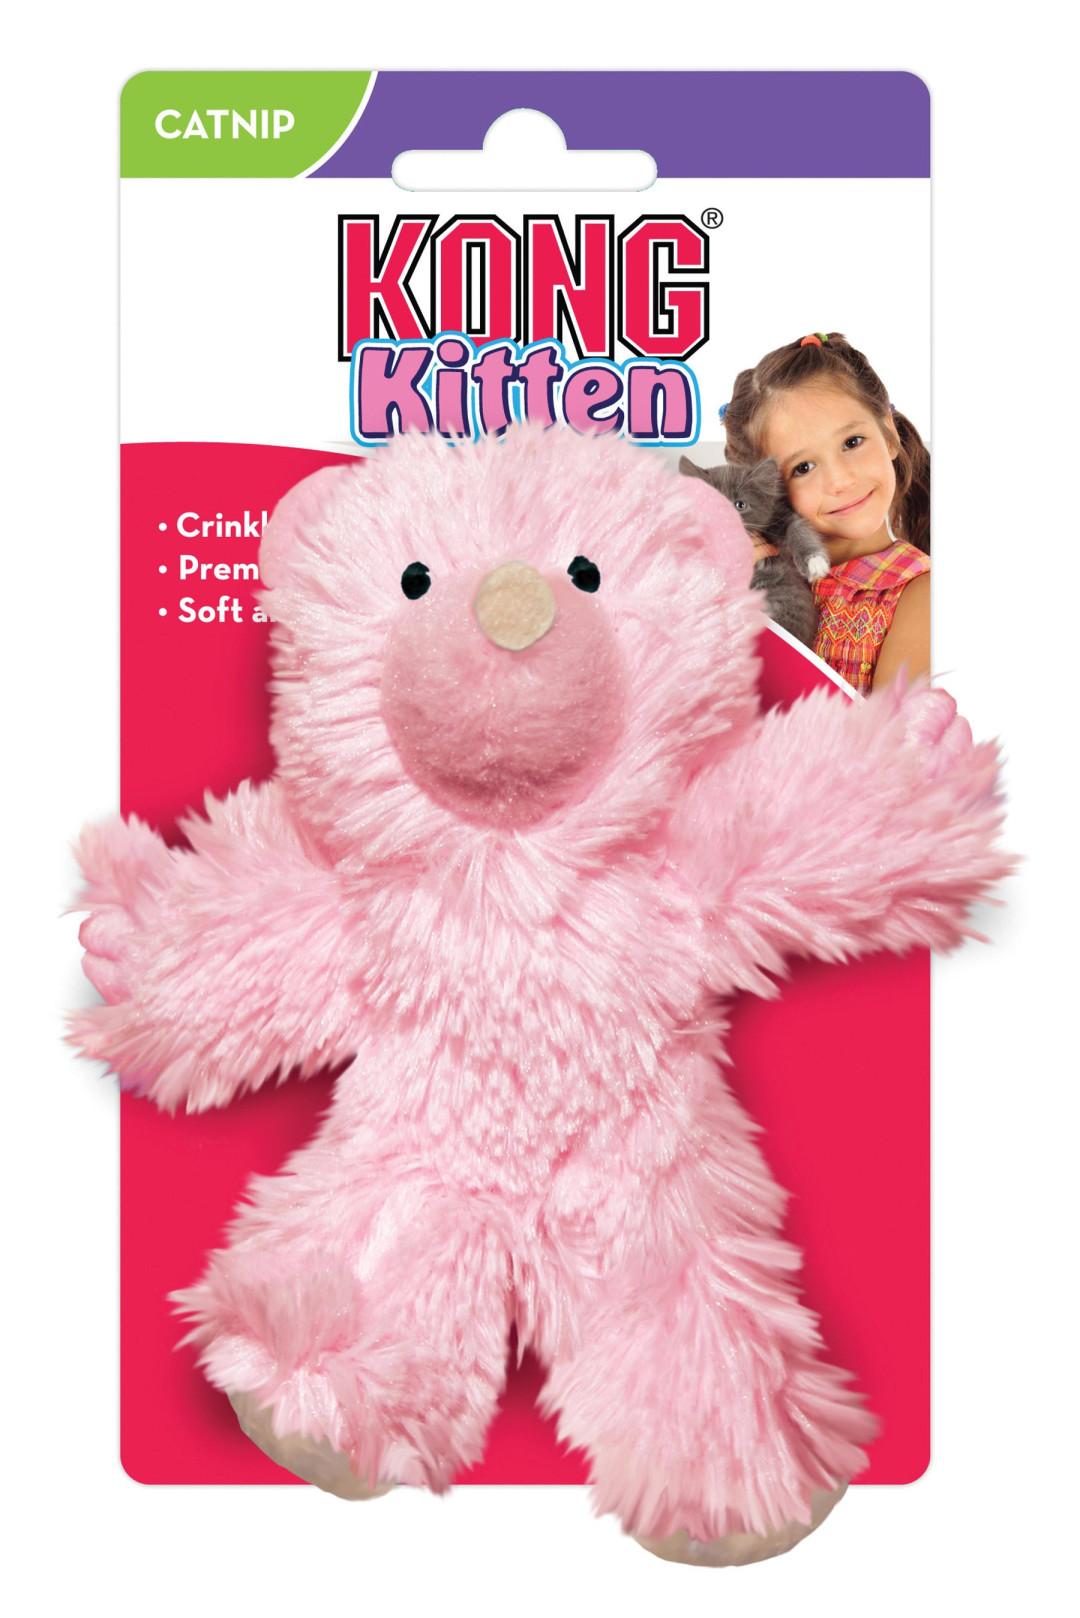 Kong Kitten teddy bear assorti